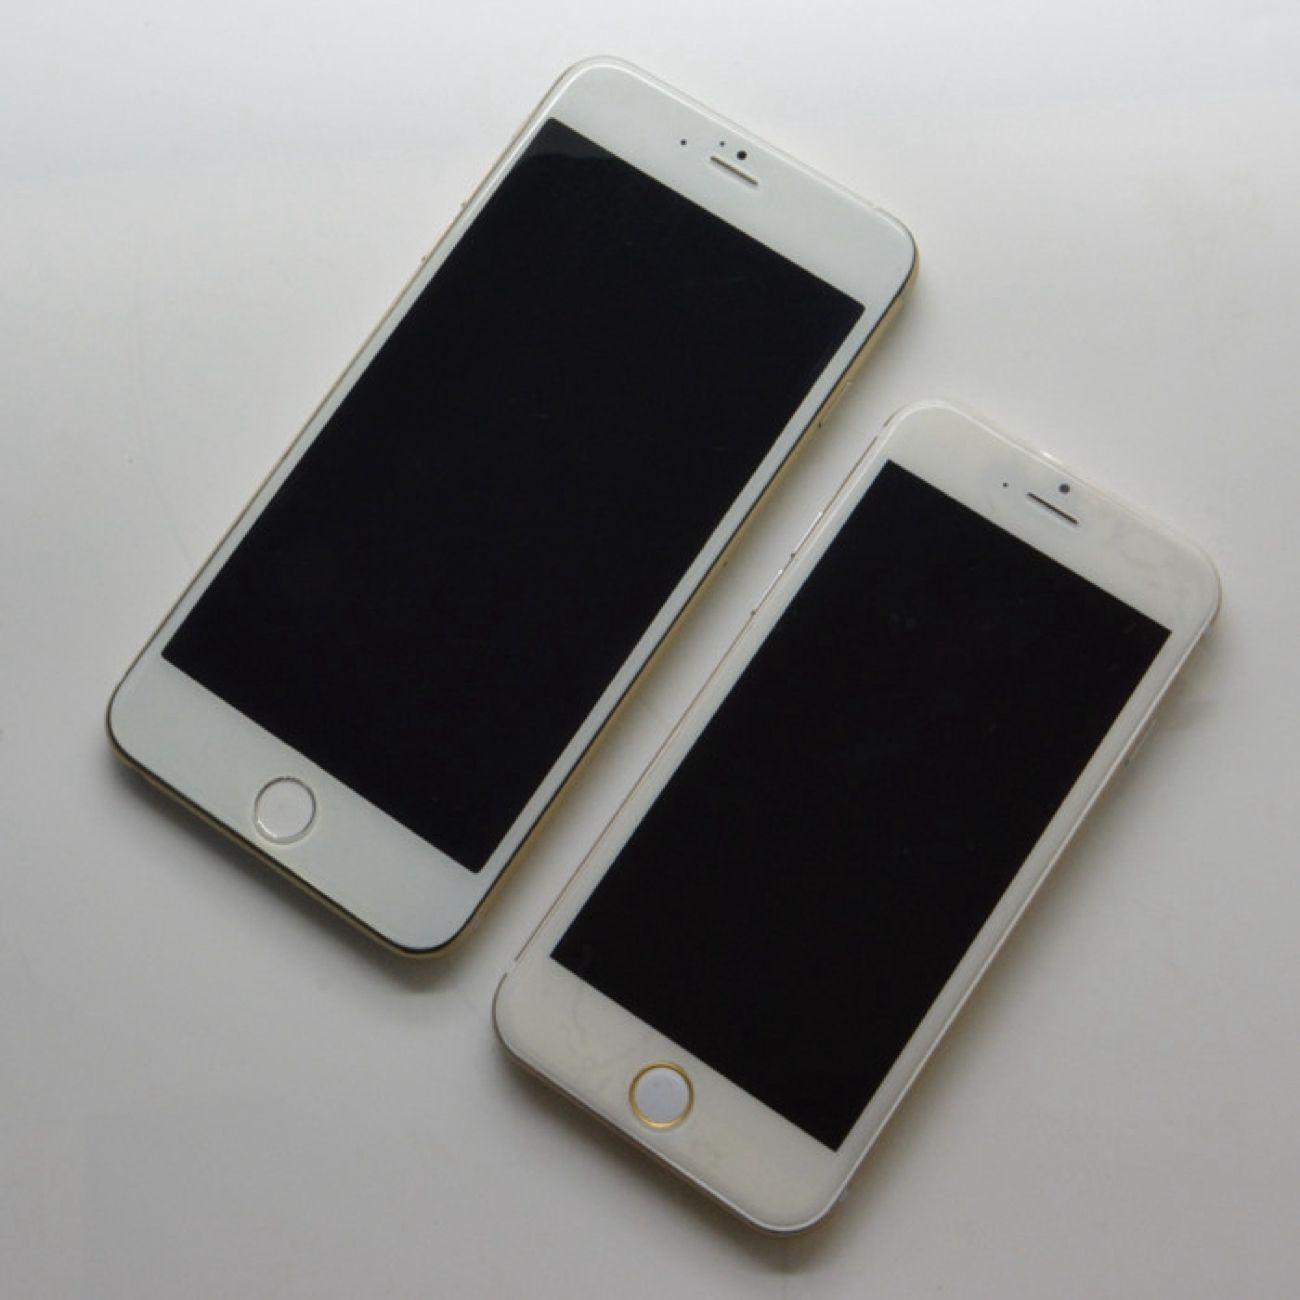 De to nye iPhone 6-modellene ved siden av hverandre.